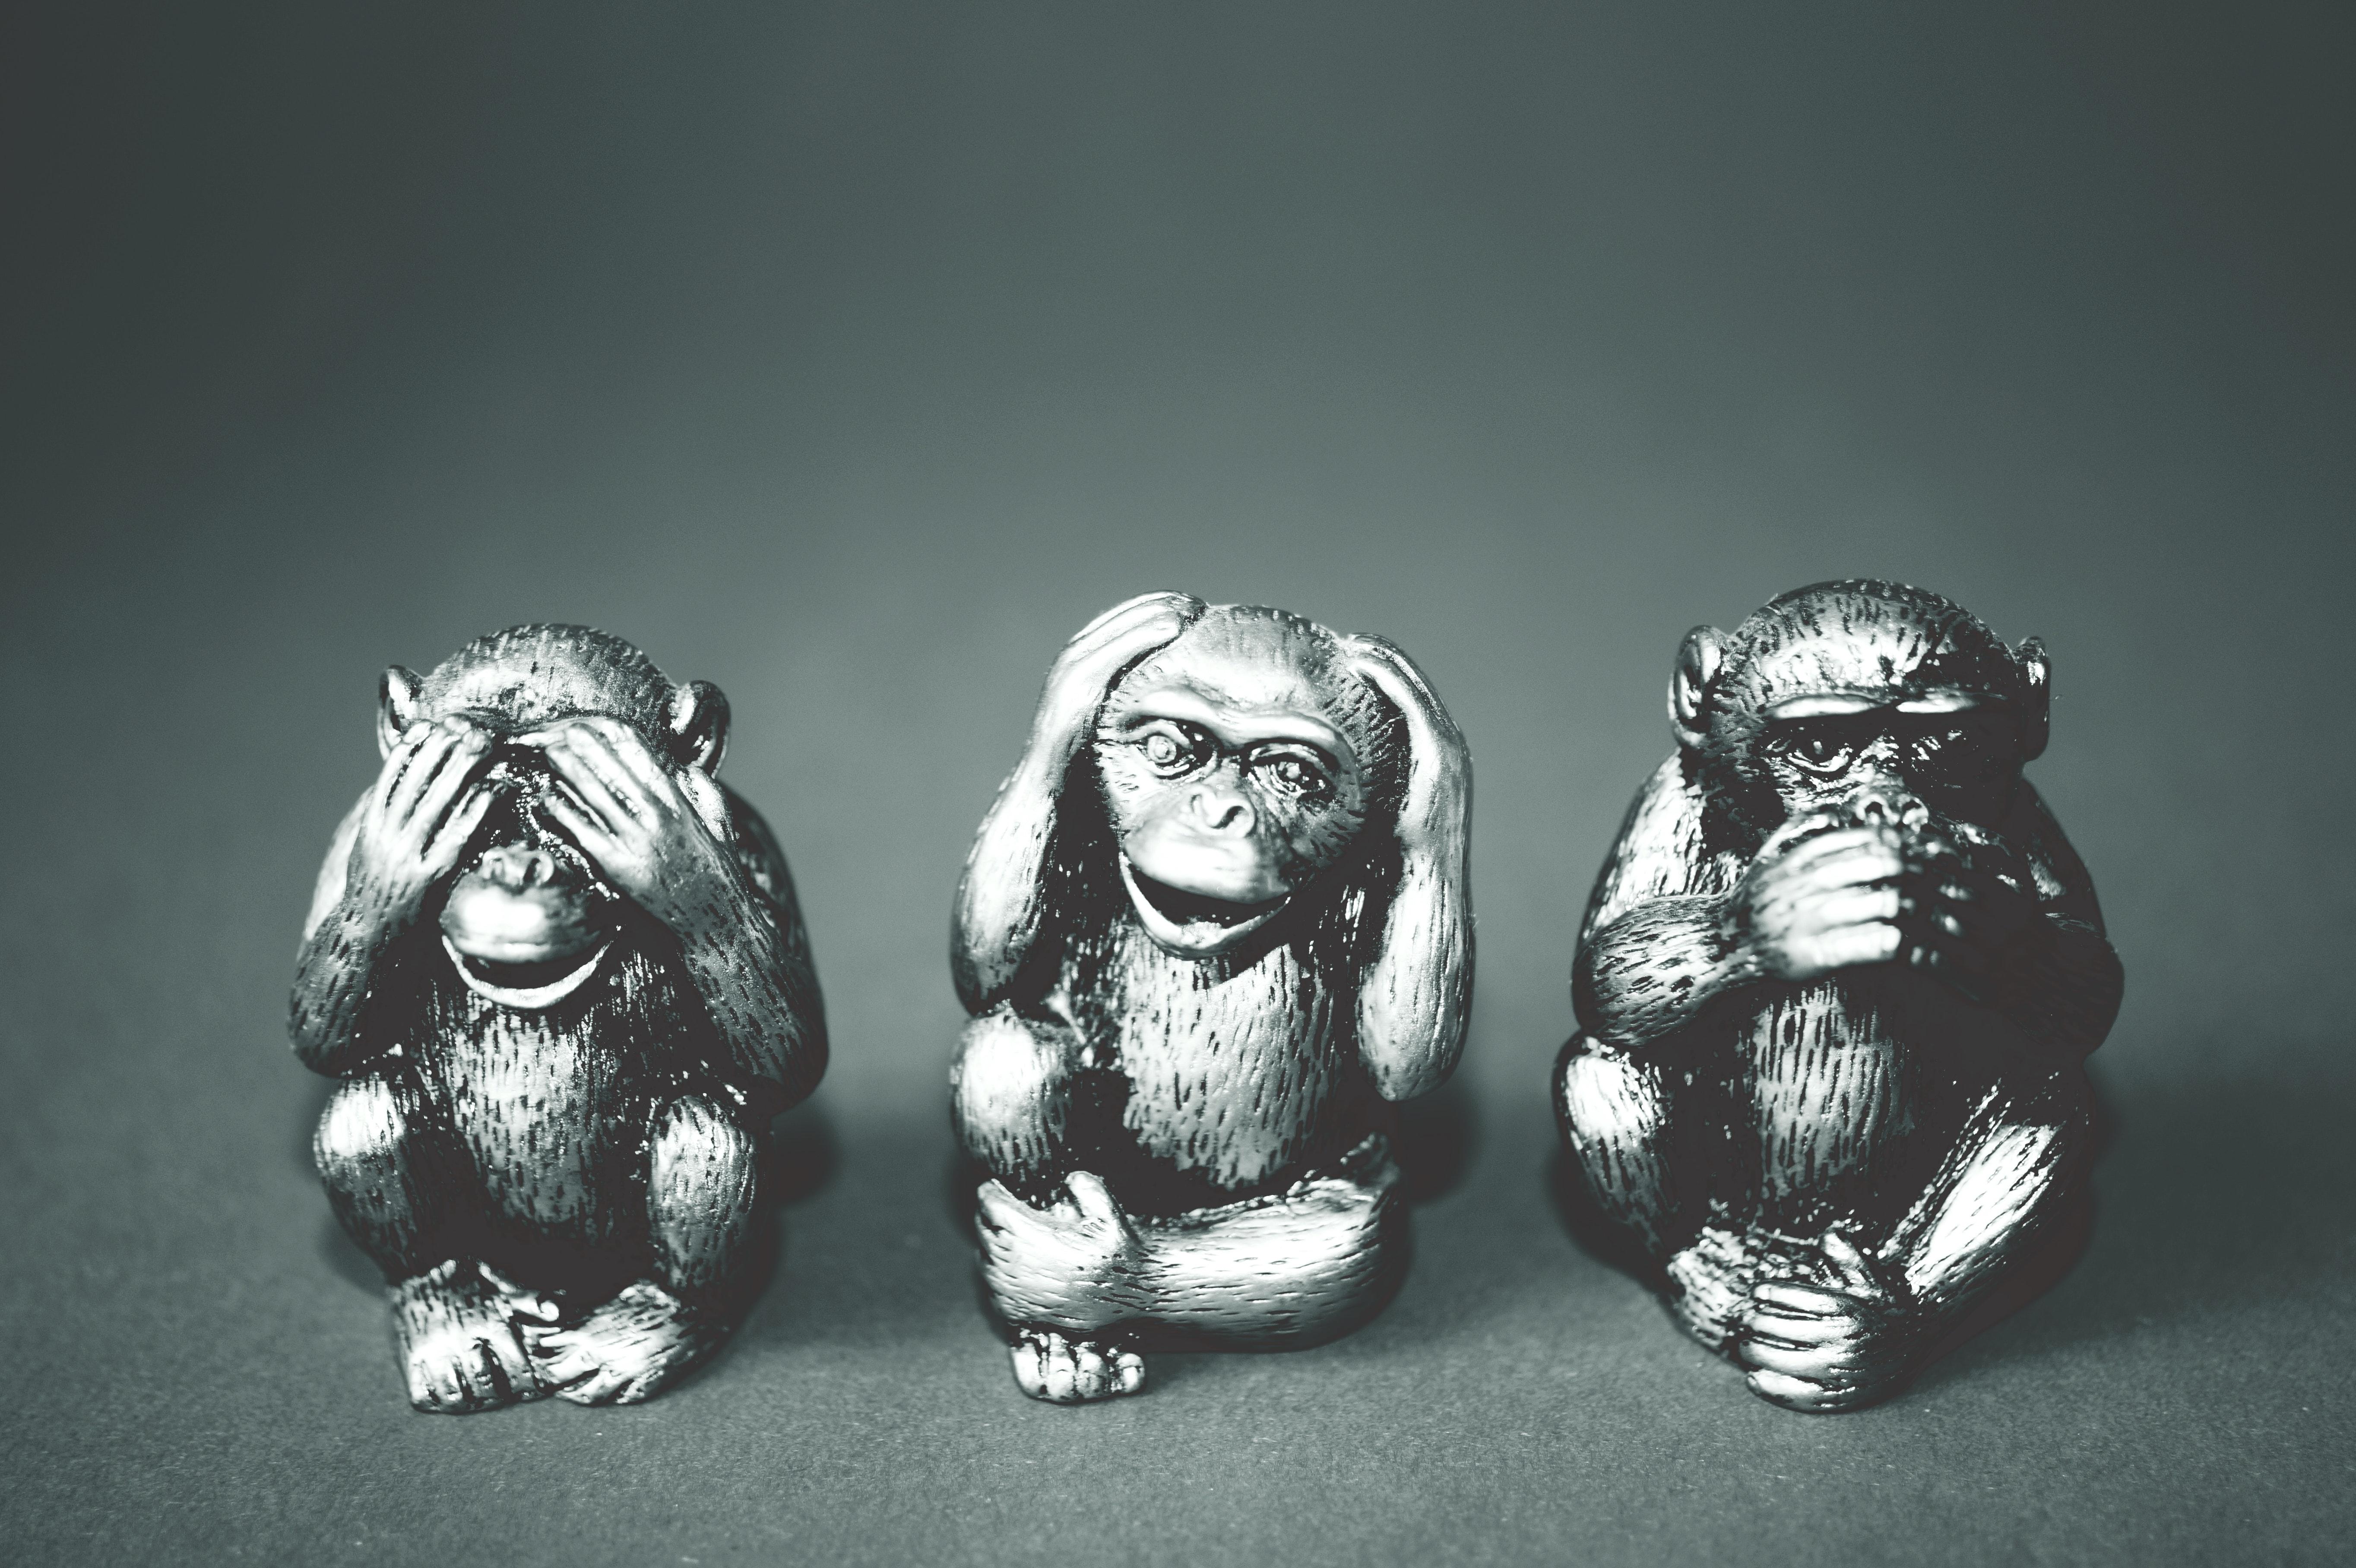 שלוש הטעויות הנפוצות בפרזנטציה – ואיך להמנע מהן